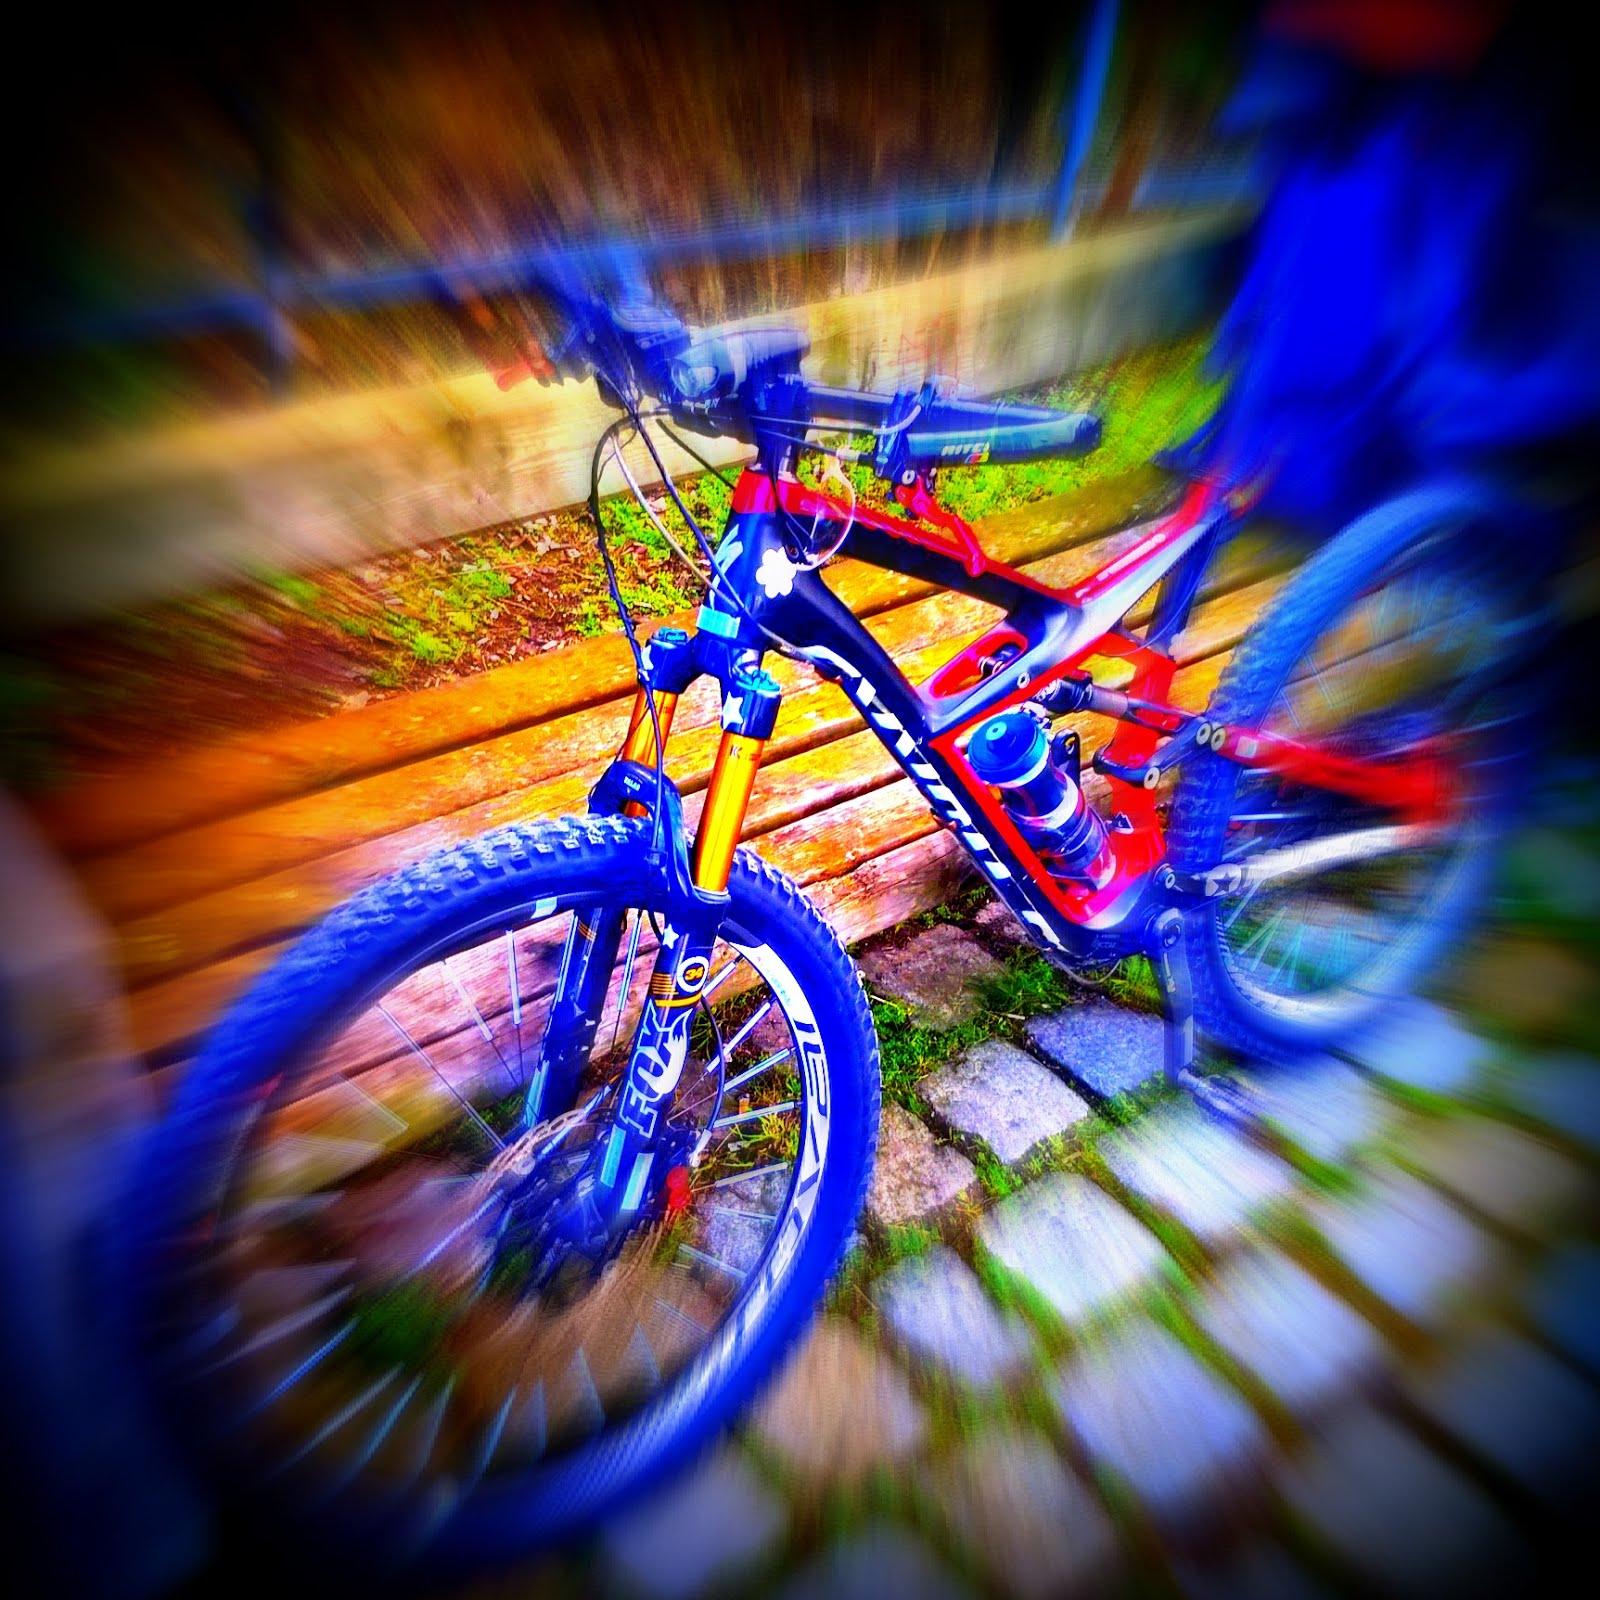 Vom Fahrrad aus, Philosophie, Mobilität, Grünes Denken, Welt, Leben, Körper